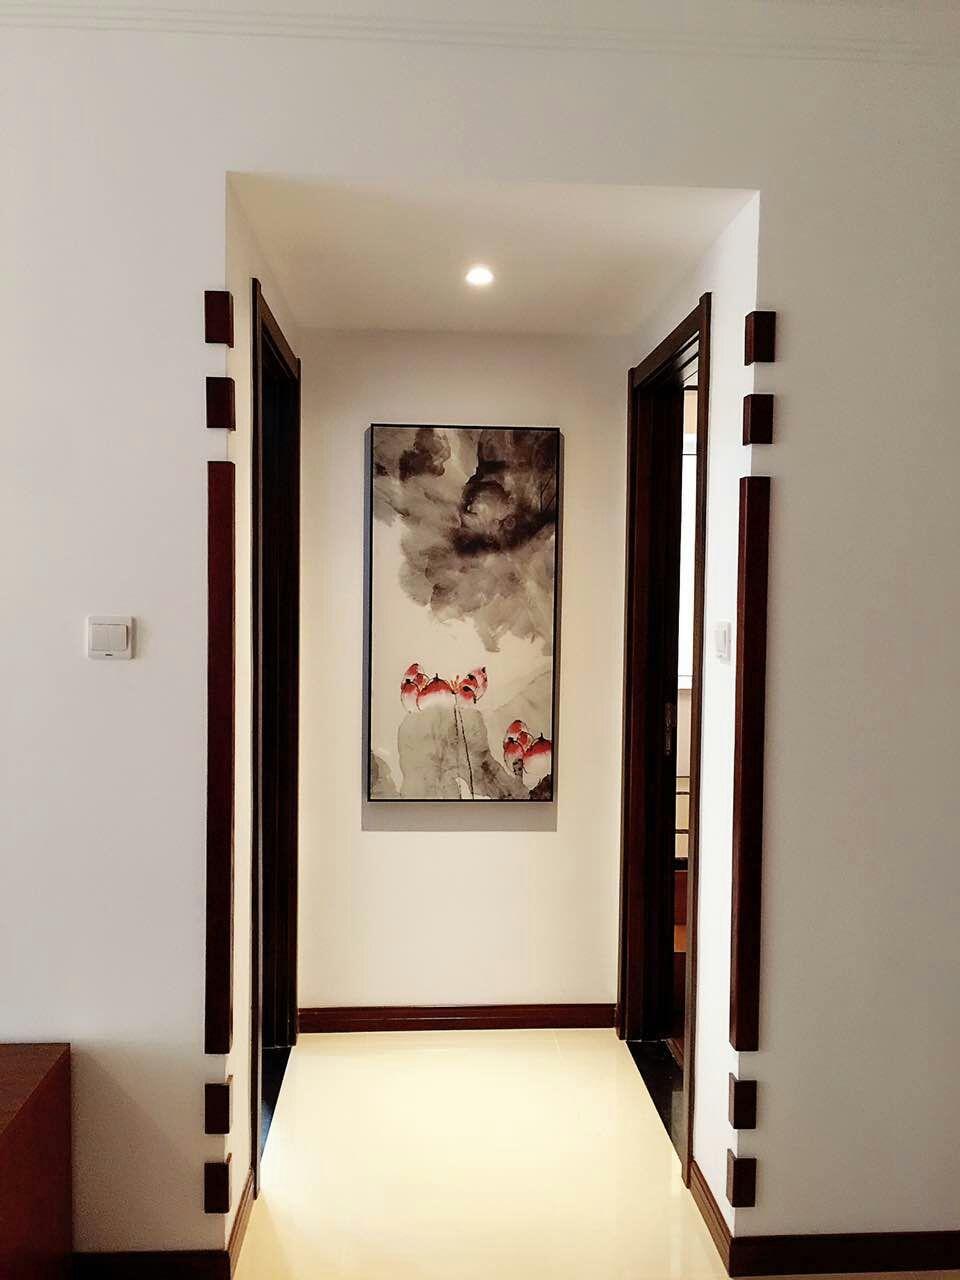 卧室与卧室之间,挂上一幅自己喜欢的水墨画,灯光打到画上,非常有意境!